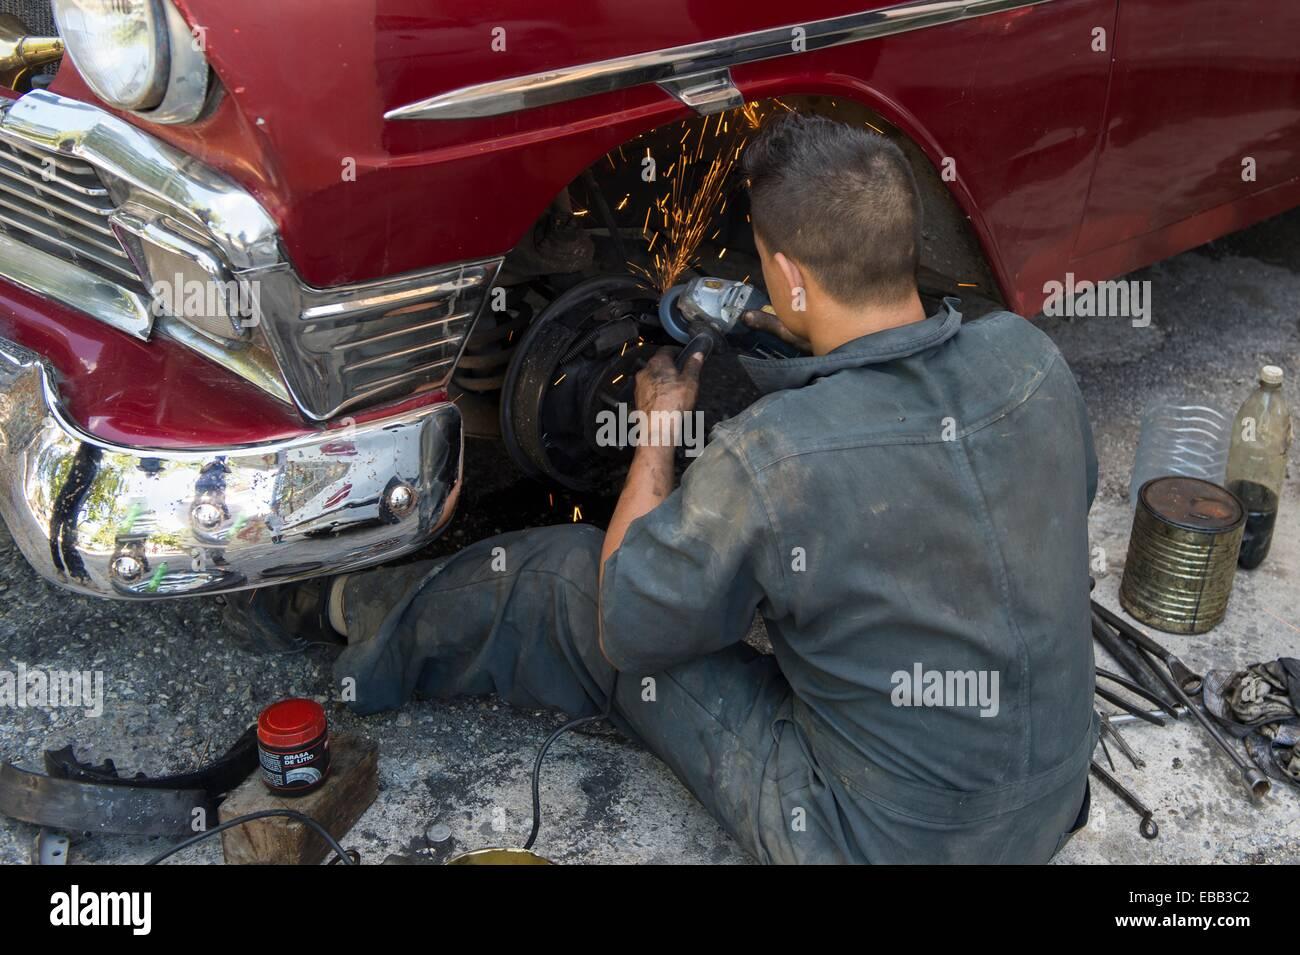 Mecánico de automóviles intenta reparar un clásico cubano en la calle. La Habana, Cuba. Imagen De Stock